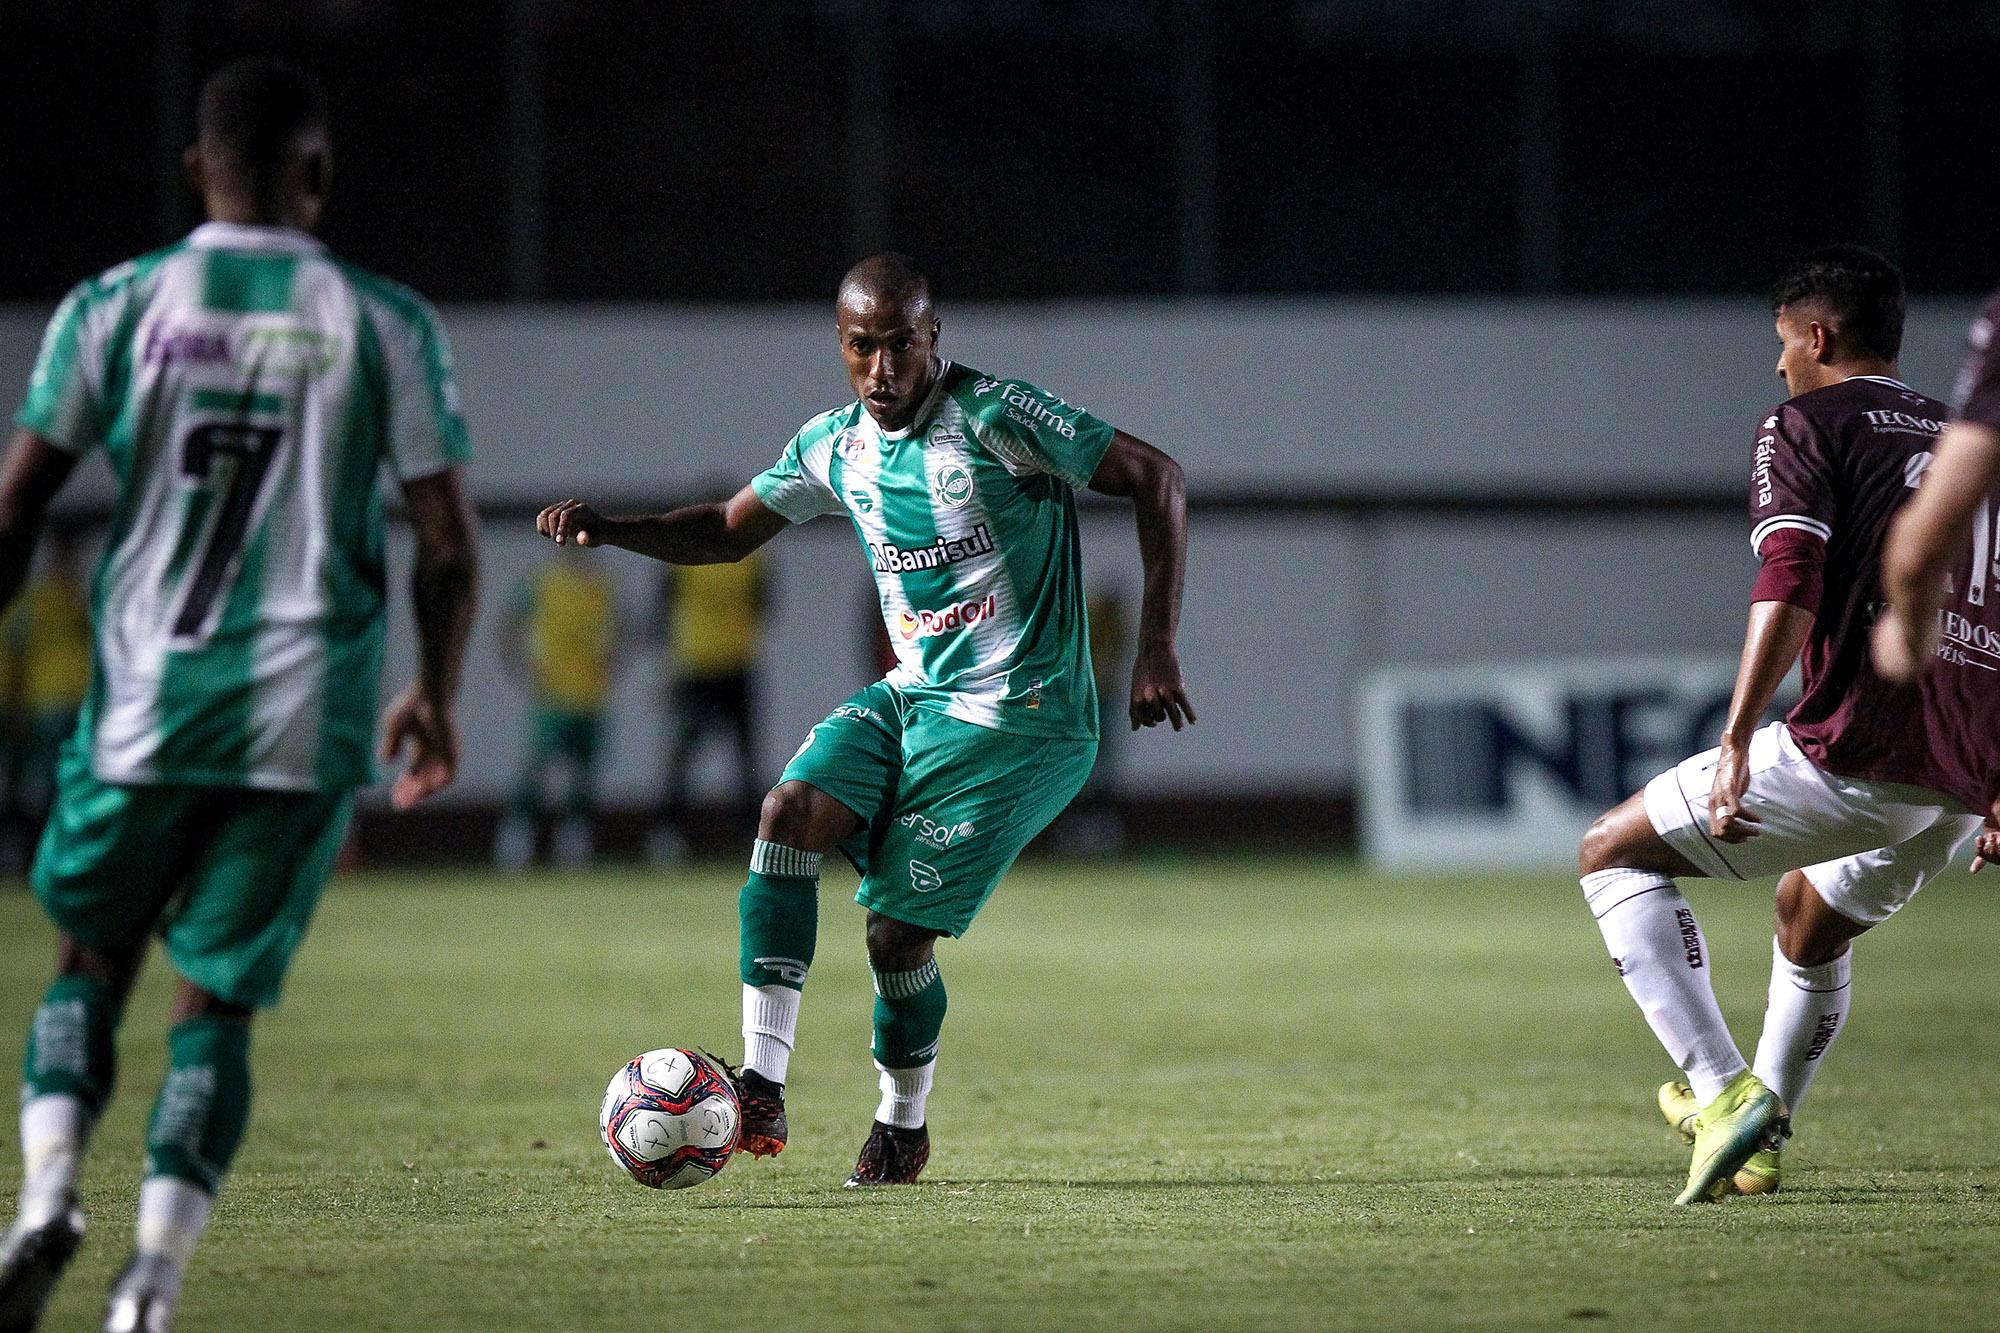 Samuel Santos comemora retorno ao Juventude após cinco meses